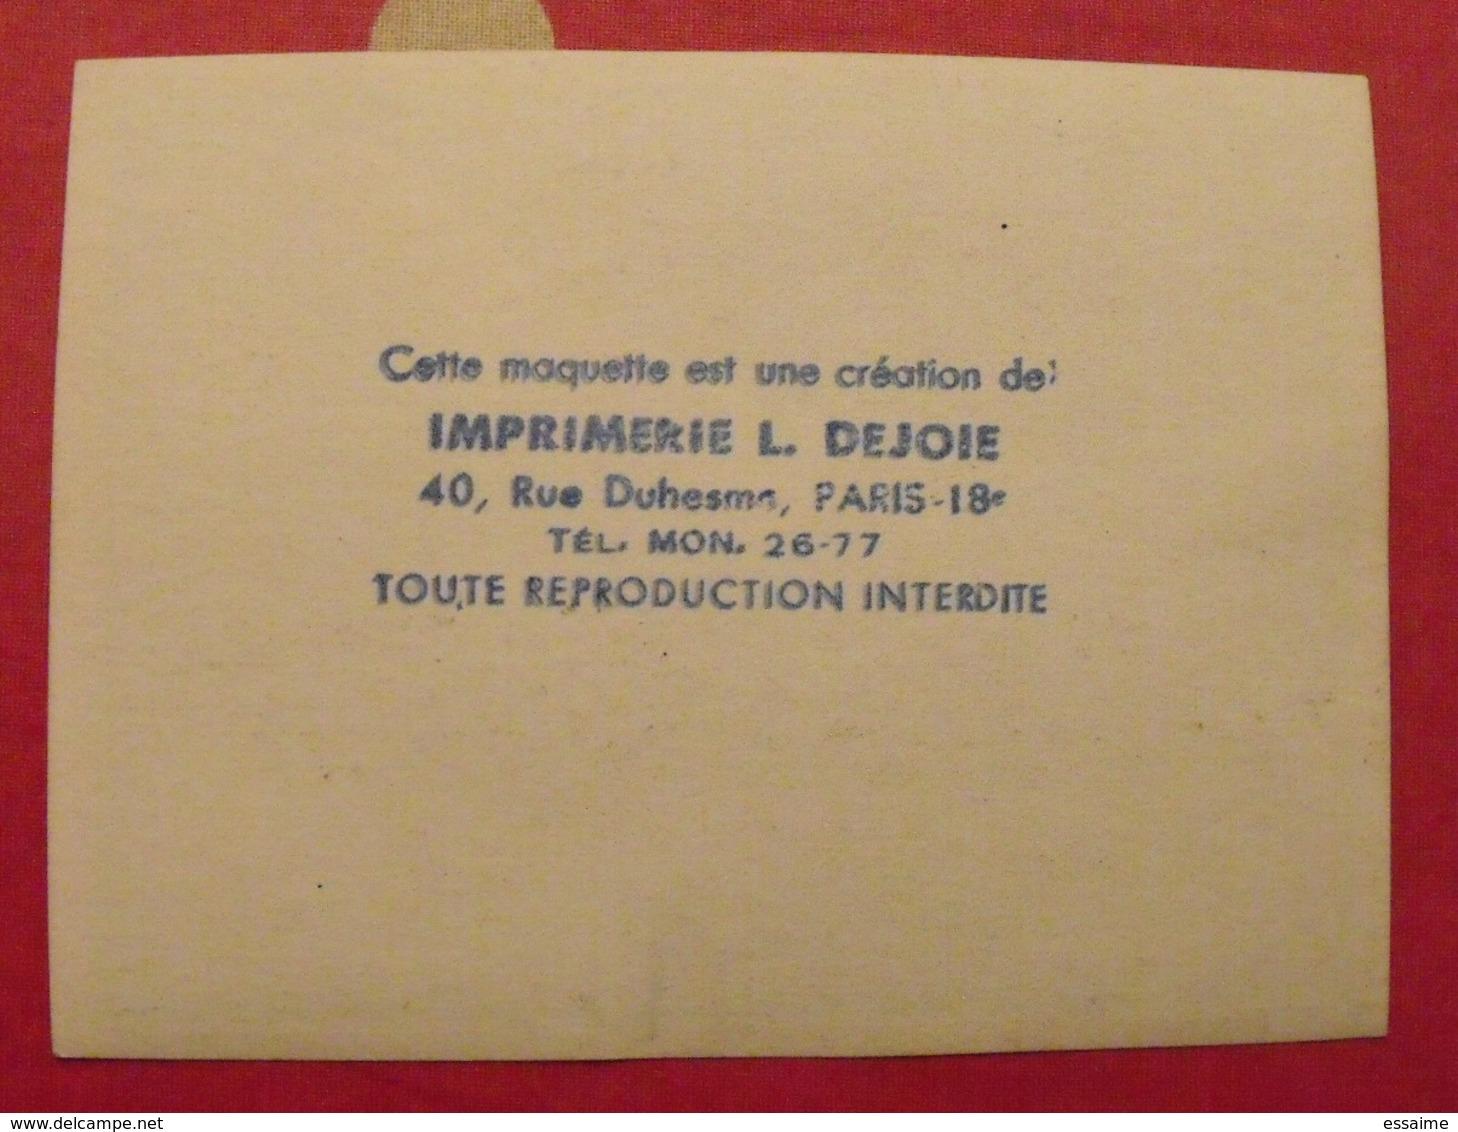 Maquette Gouache D'une étiquette De Vin. Plume Au Vent. Vins Chevrier Coulanges-les-Nevers. Dejoie Vers 1960 - Alcools